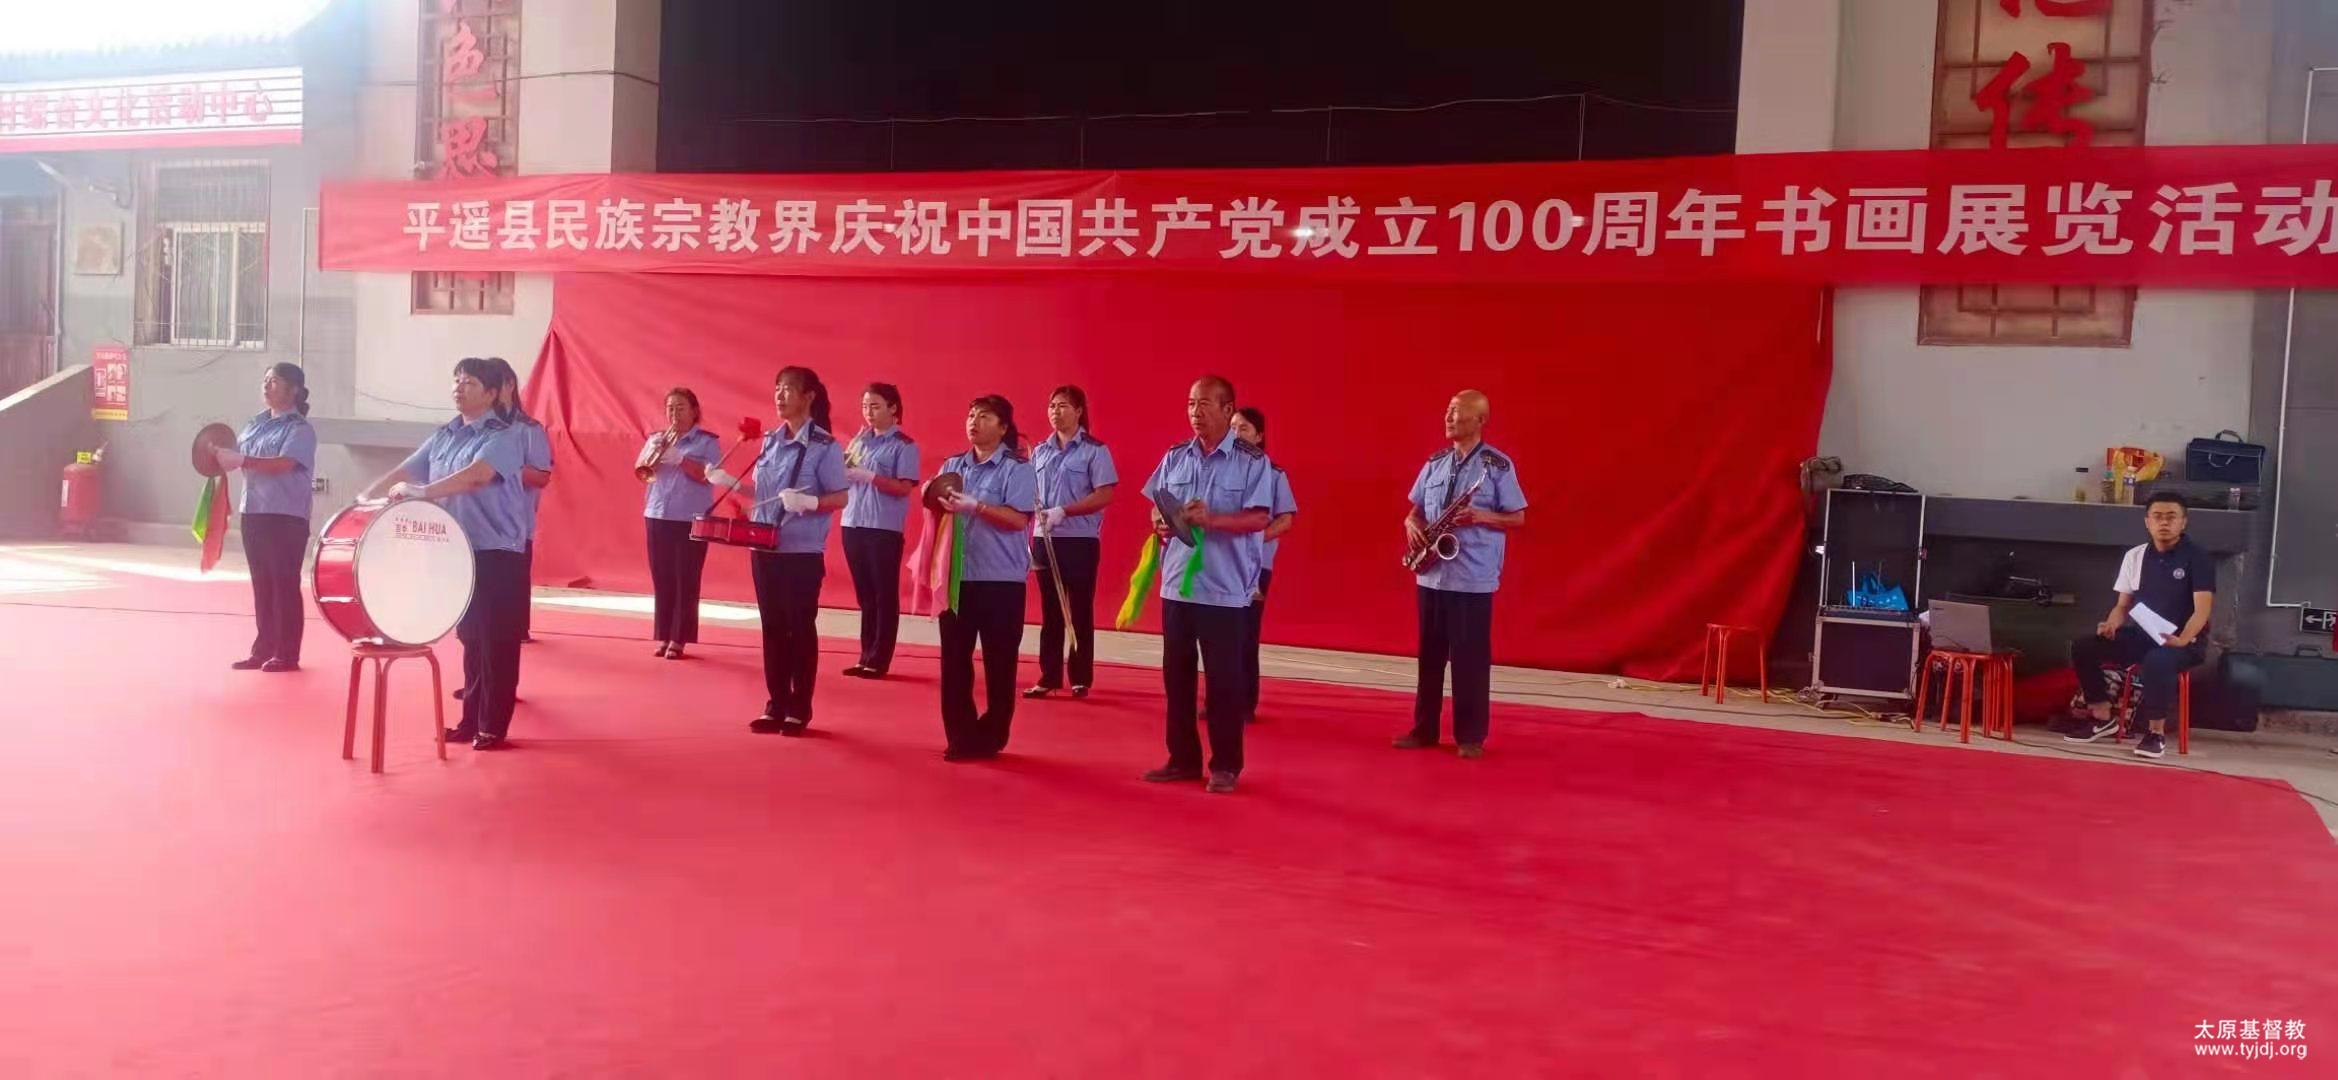 平遥县基督教两会参加县民族宗教界书画展览